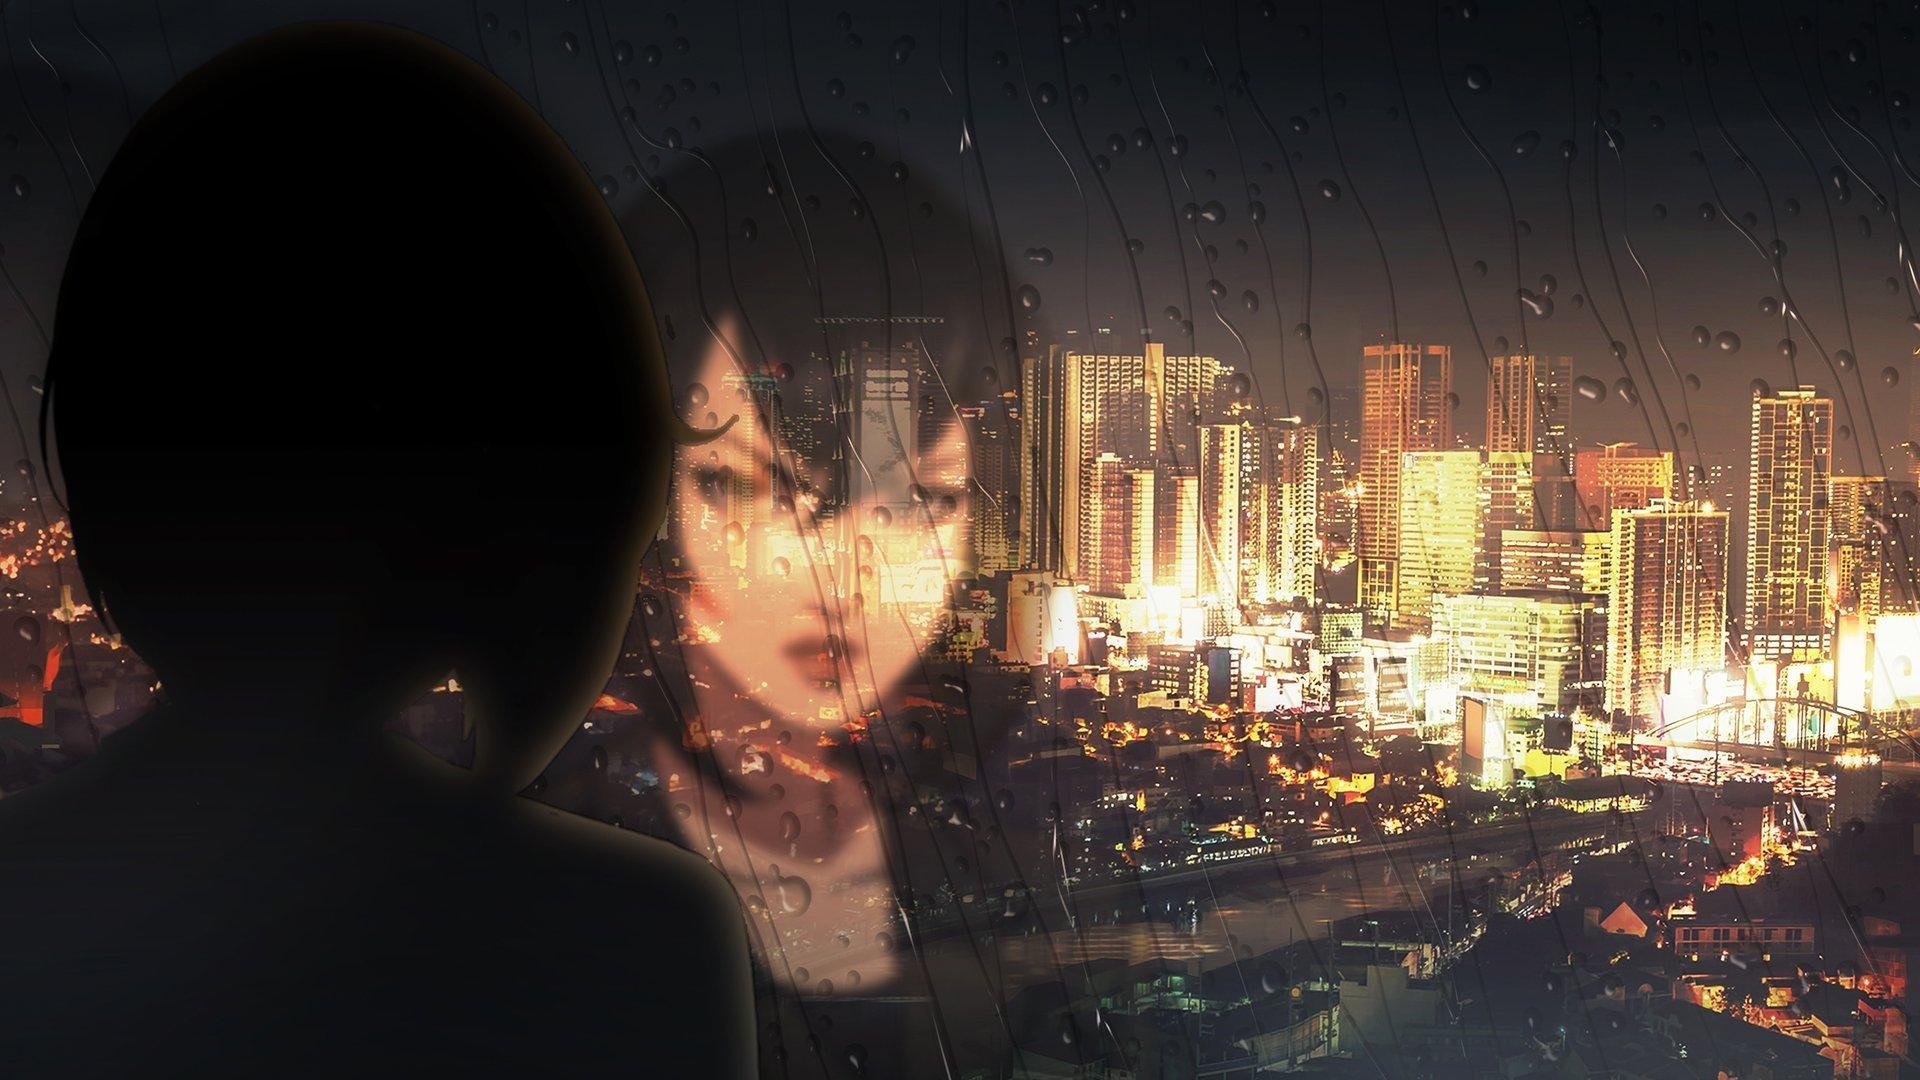 Imagen oficial de Trese con la protagonista viendo a través de un vidrio empañado la ciudad de Manila.